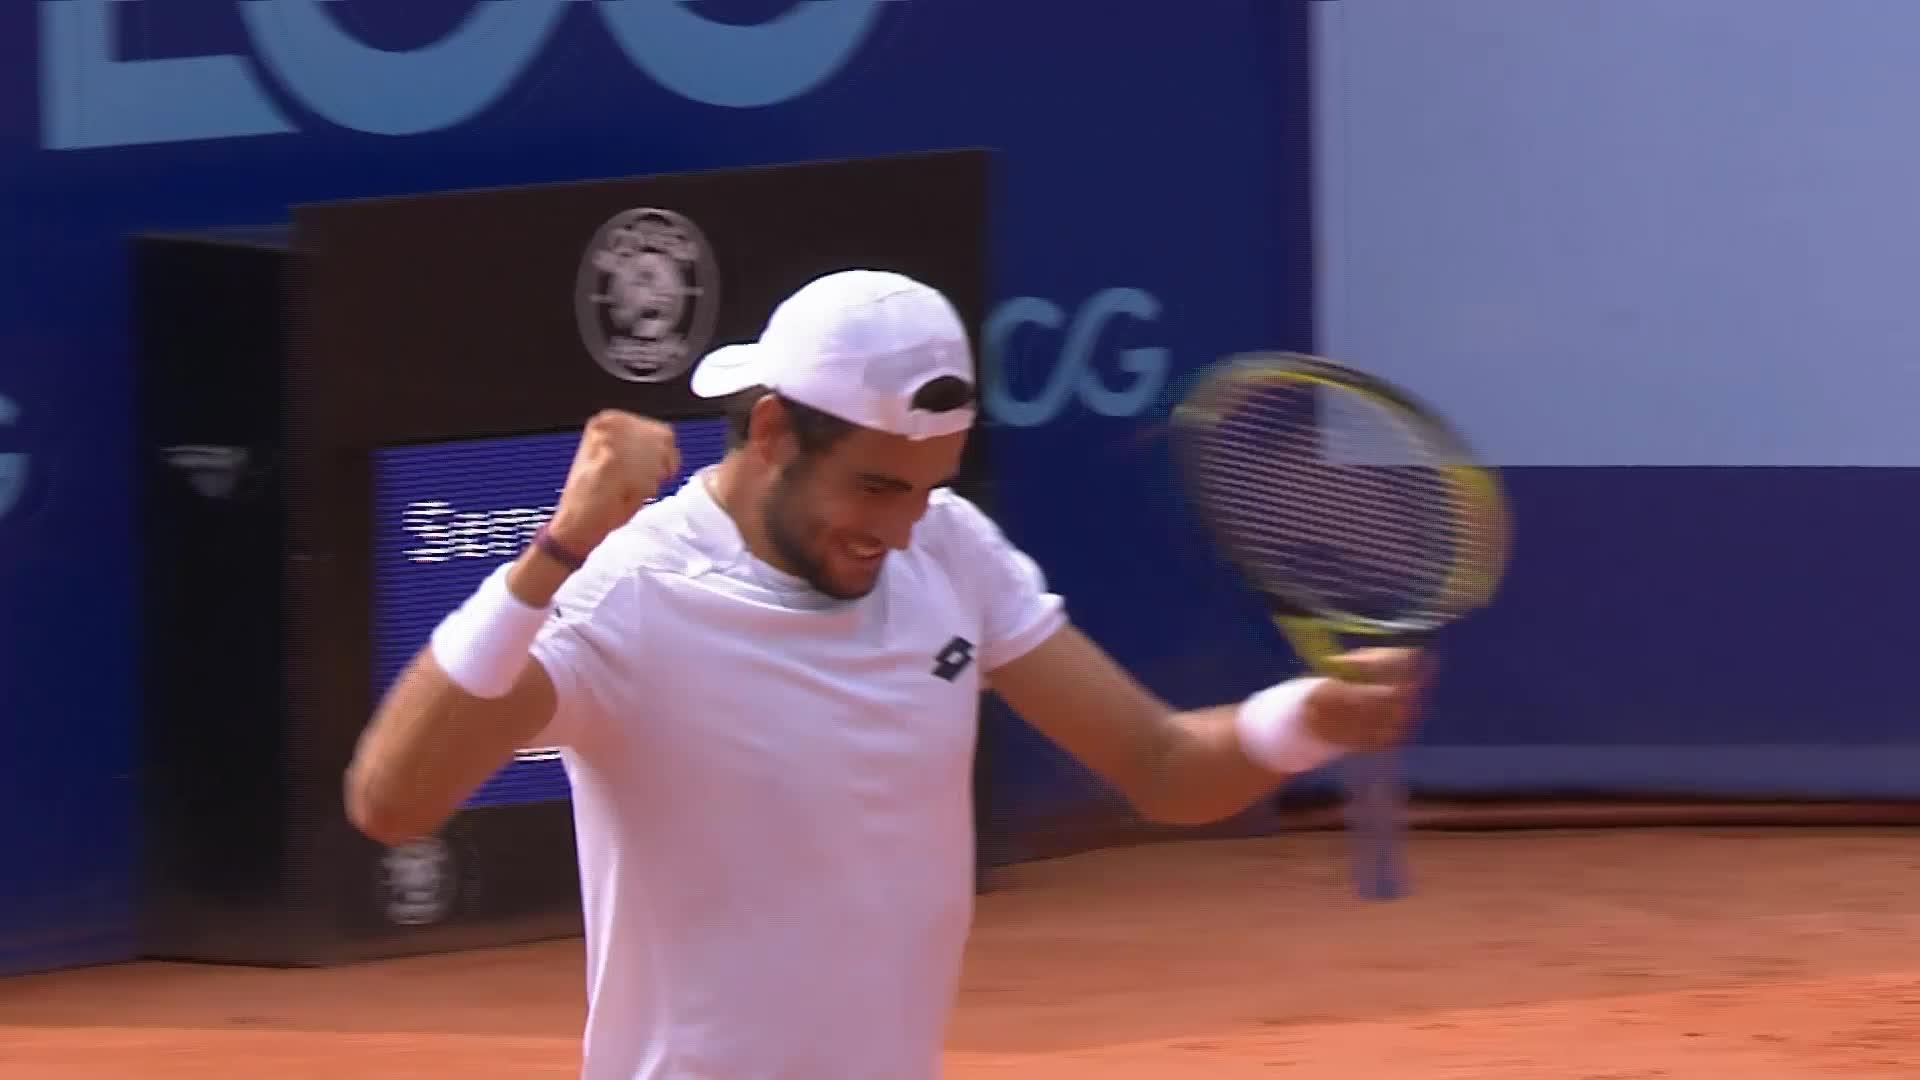 Matteo Berrettini remporte son premier titre — Gstaad